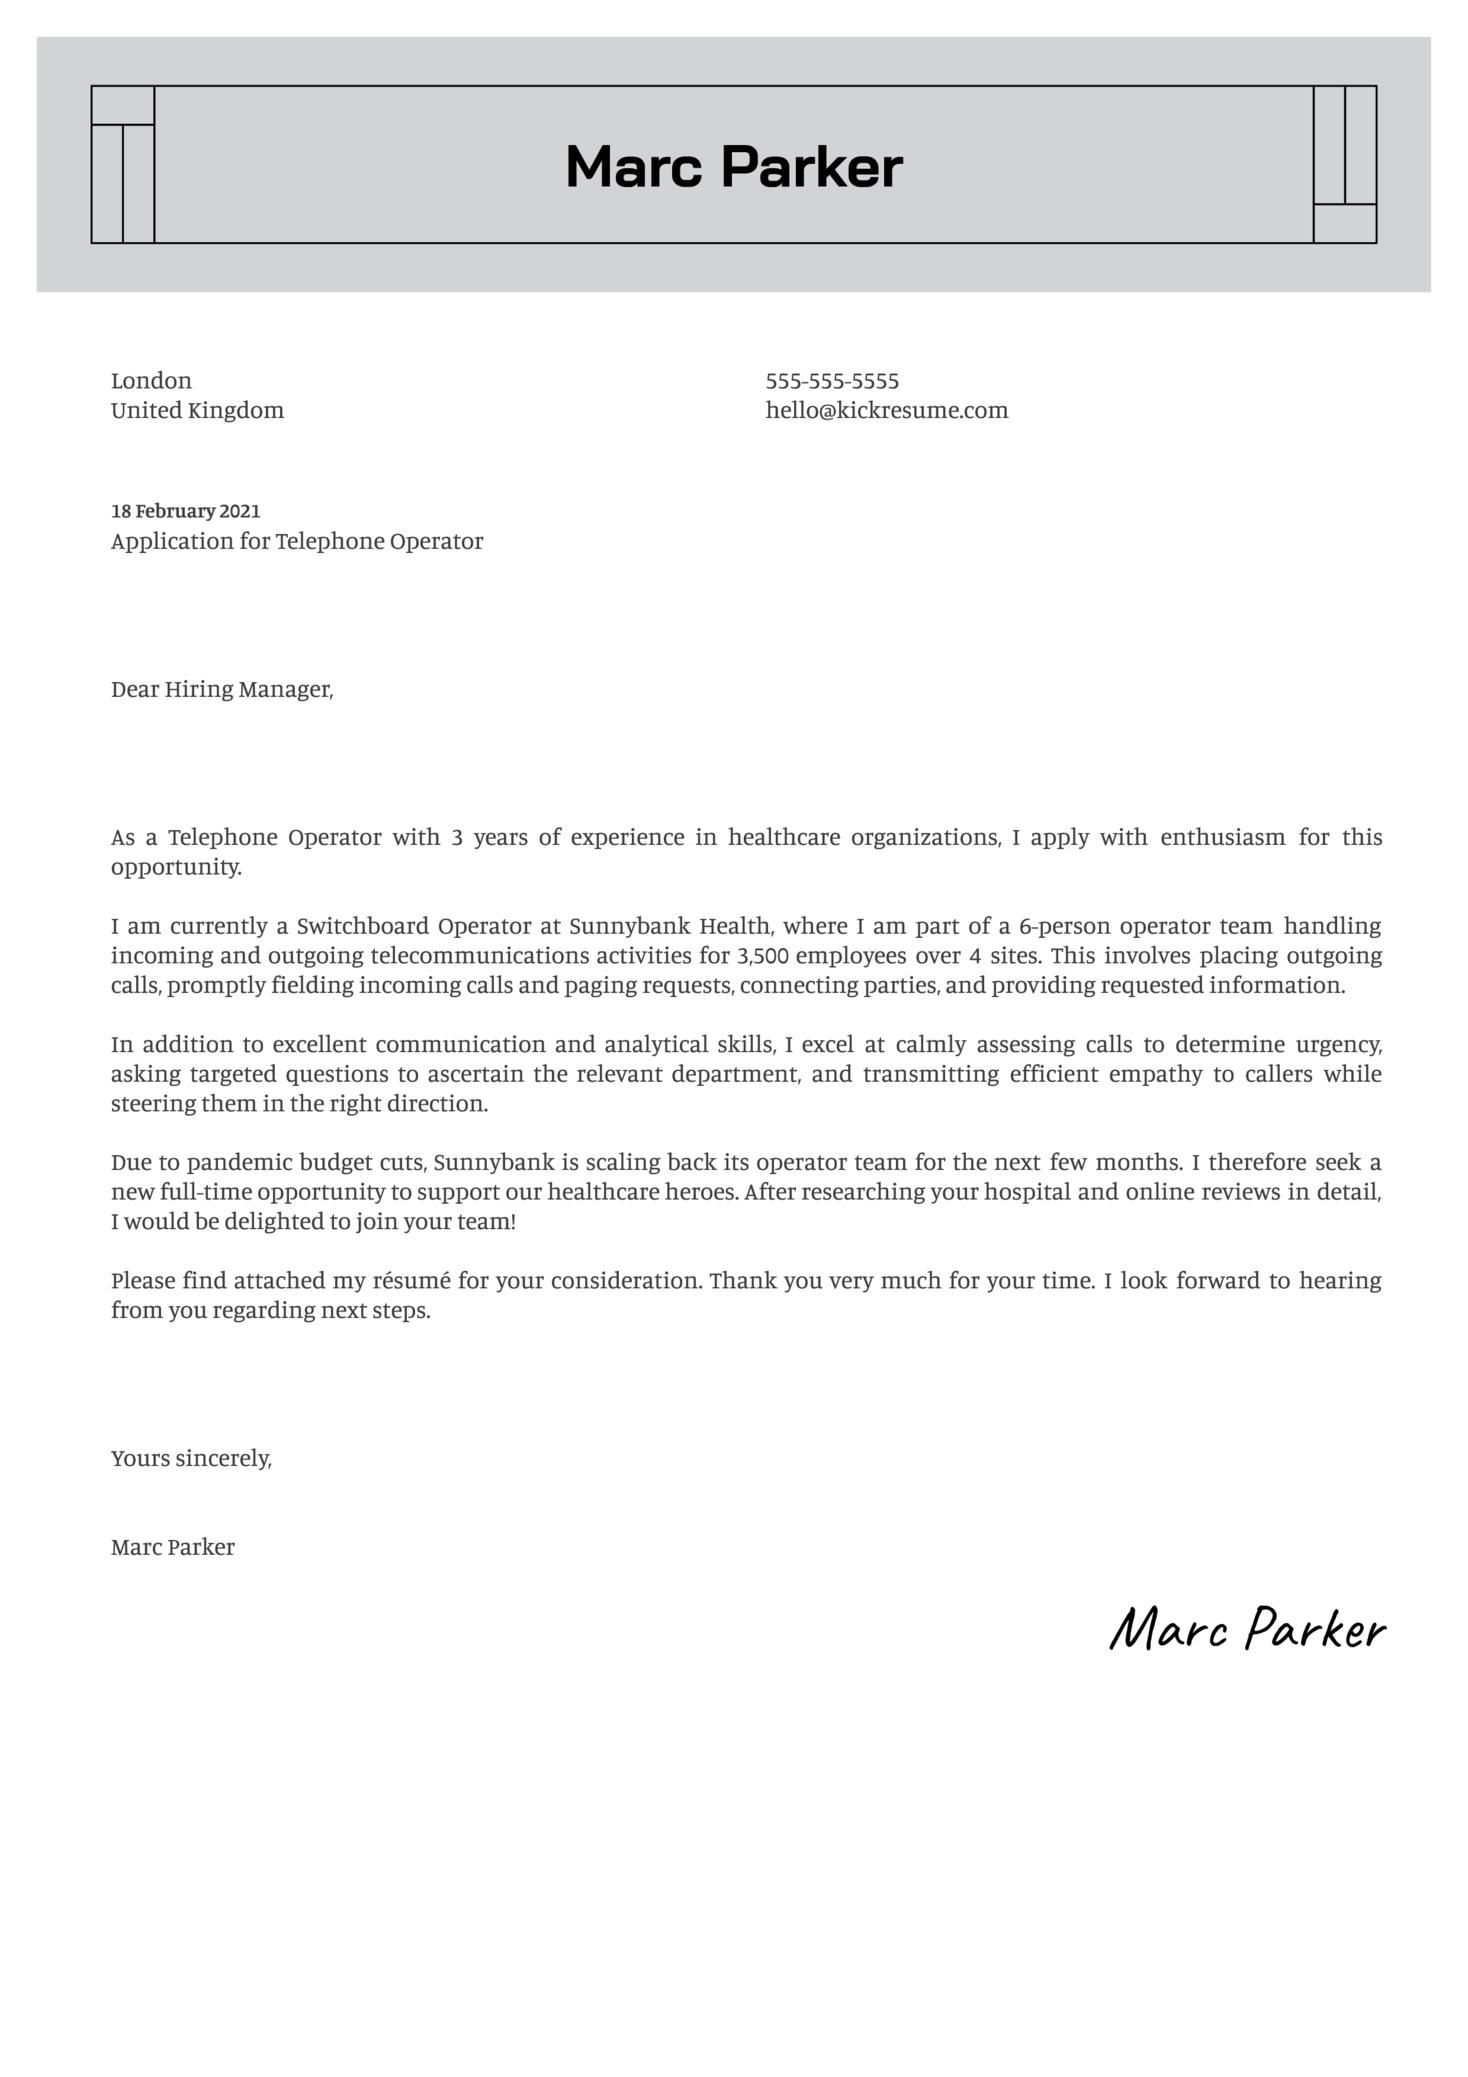 Telephone Operator Cover Letter Sample